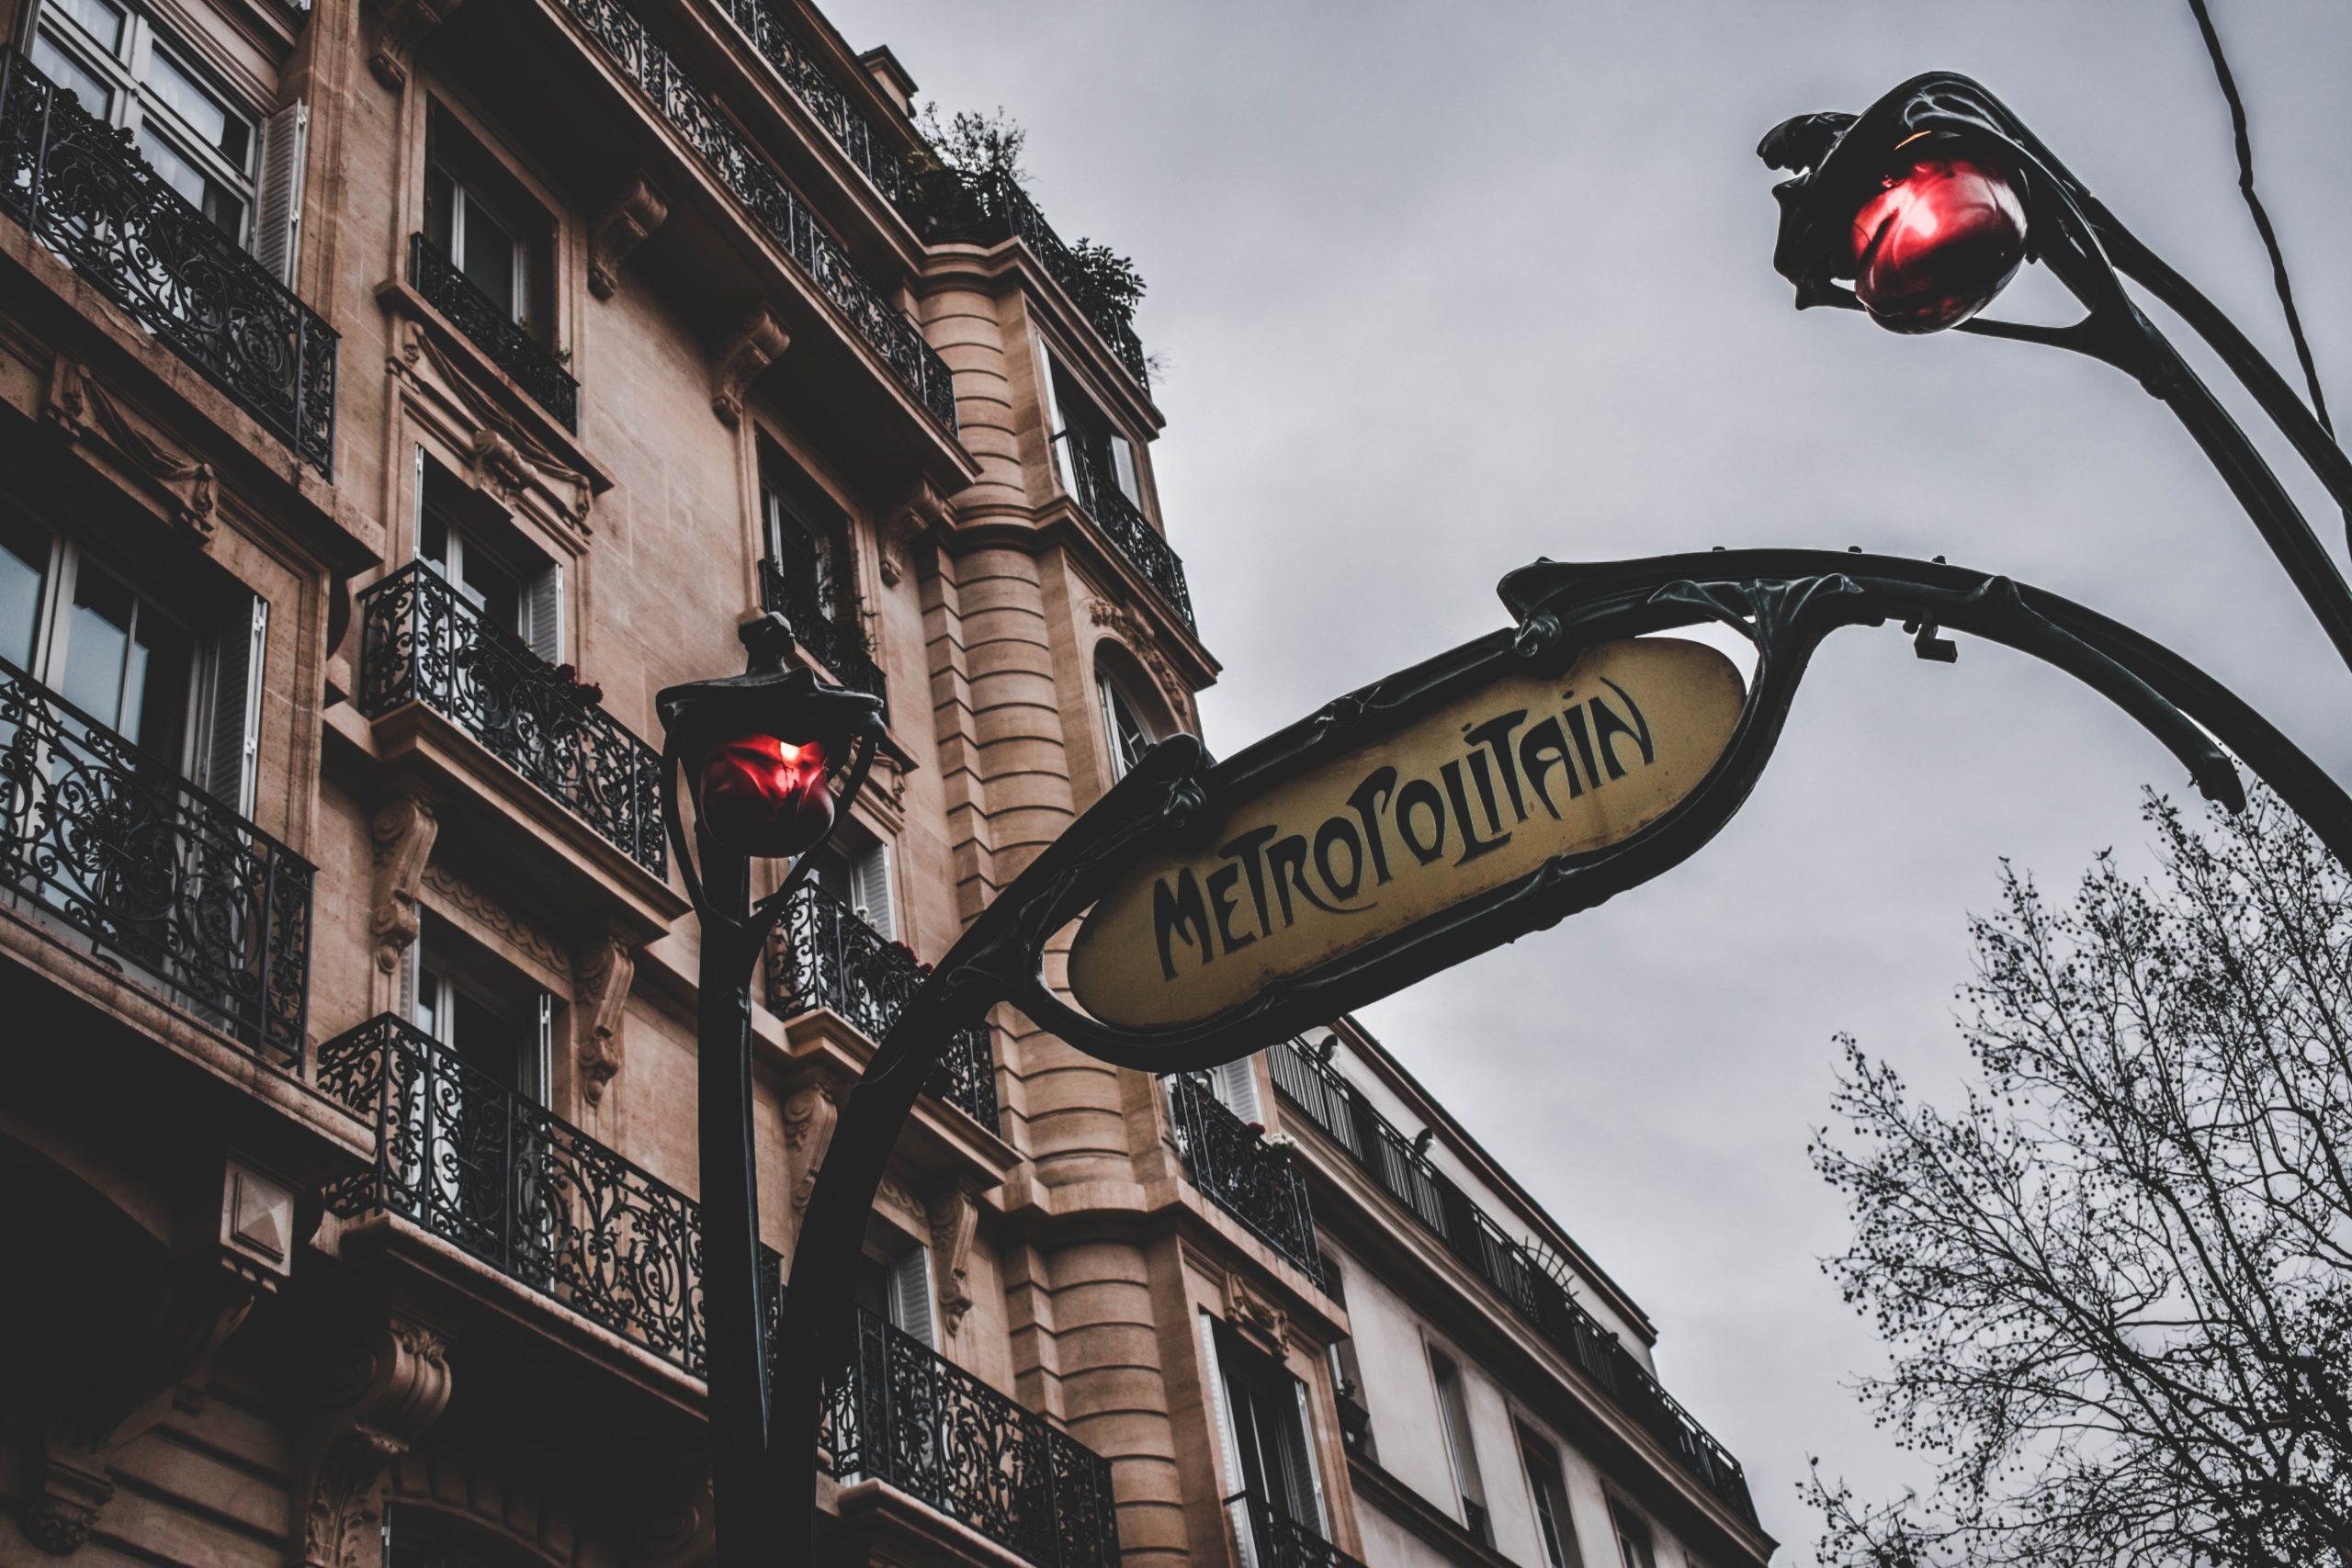 Entrée de Métro Paris Photo byFlorian OlivoonUnsplash